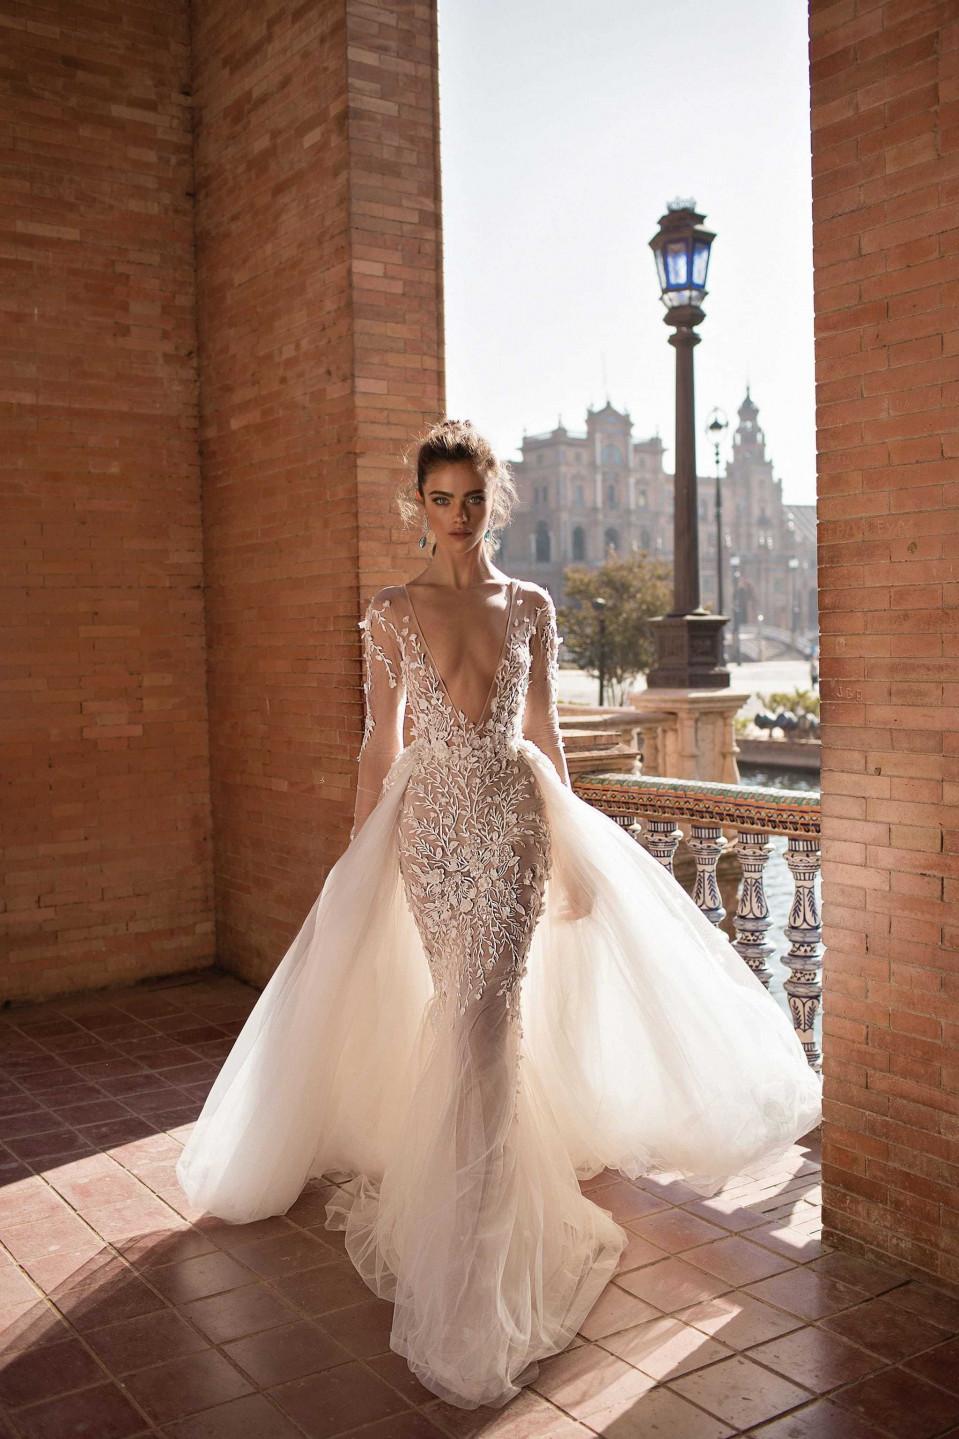 Berta Bridal Bg6 2636 Theperfectwedding Nl